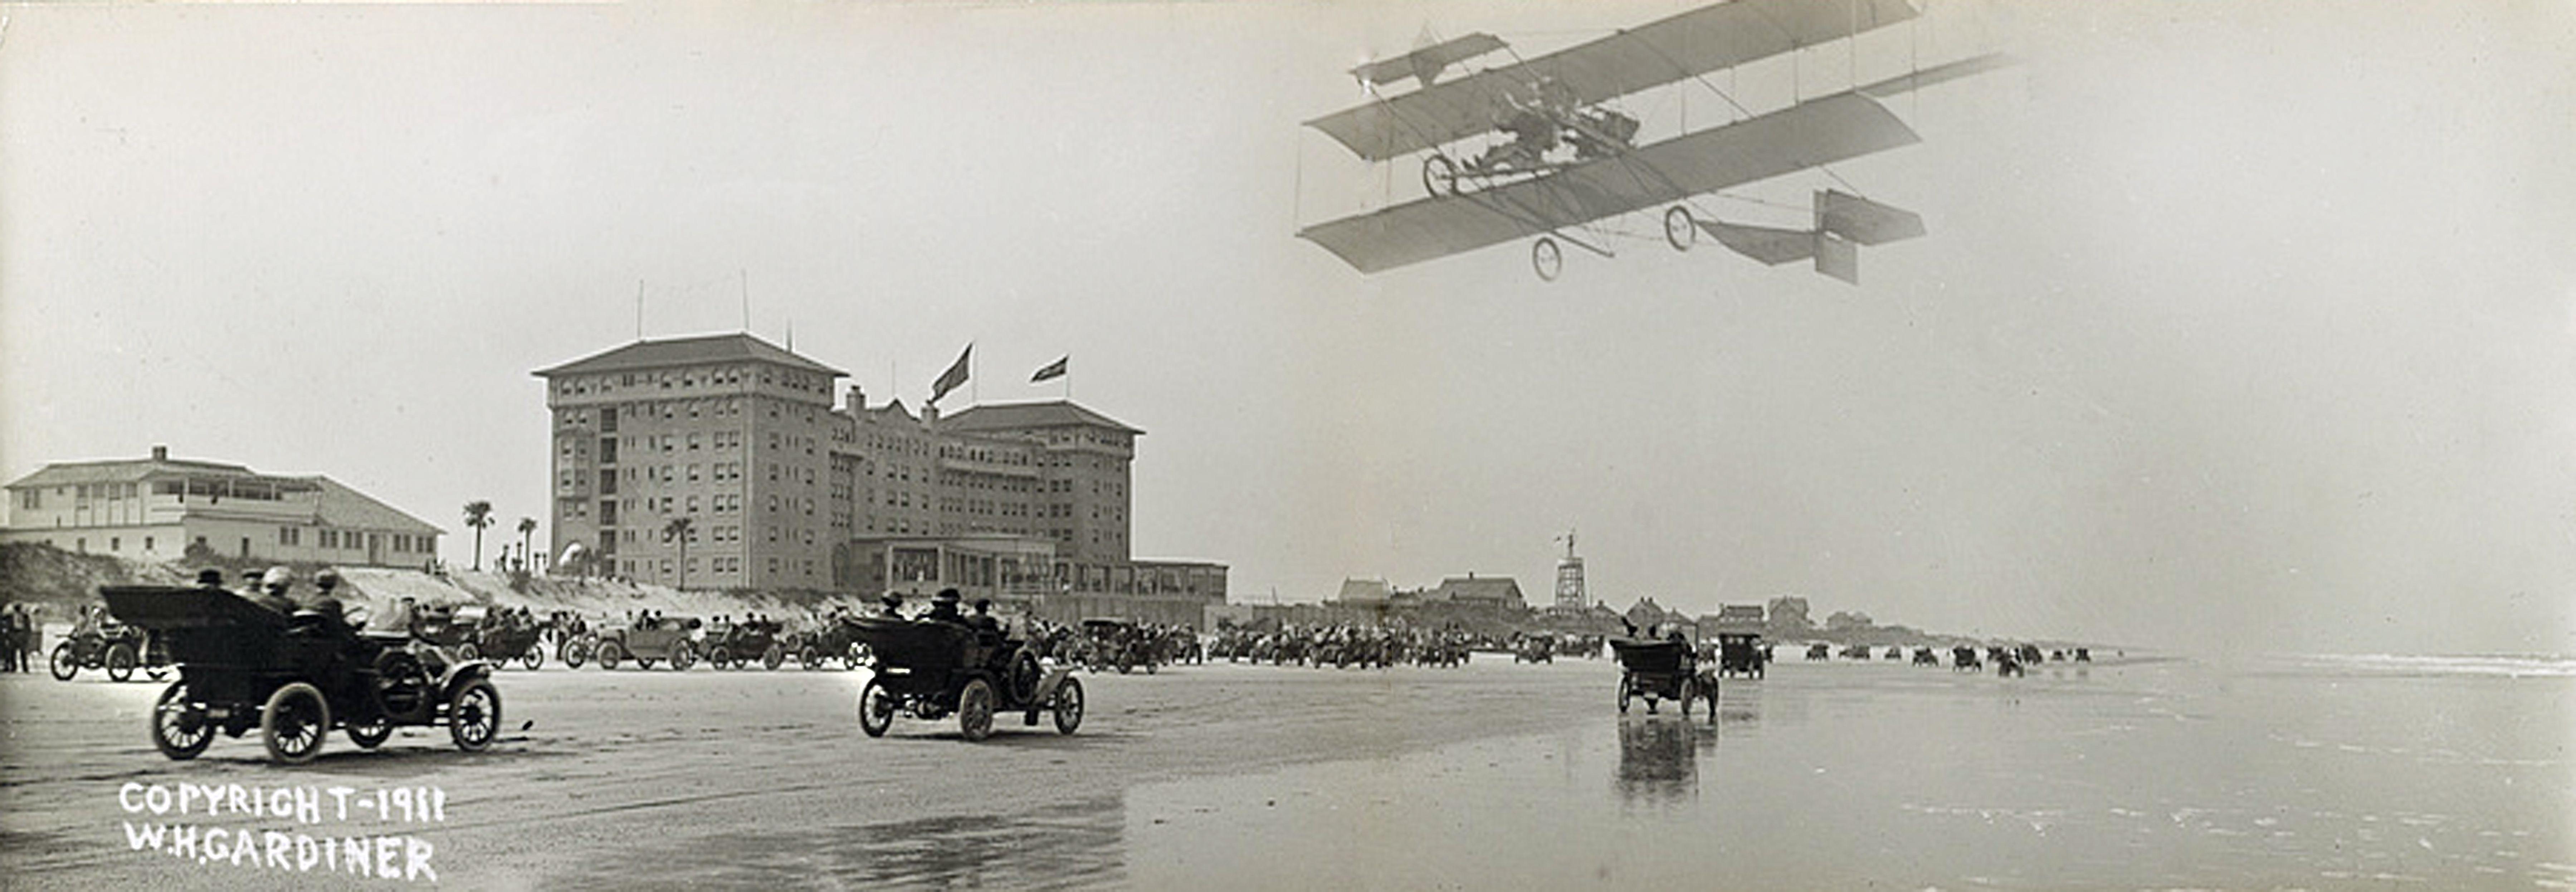 1911 Daytona Beach